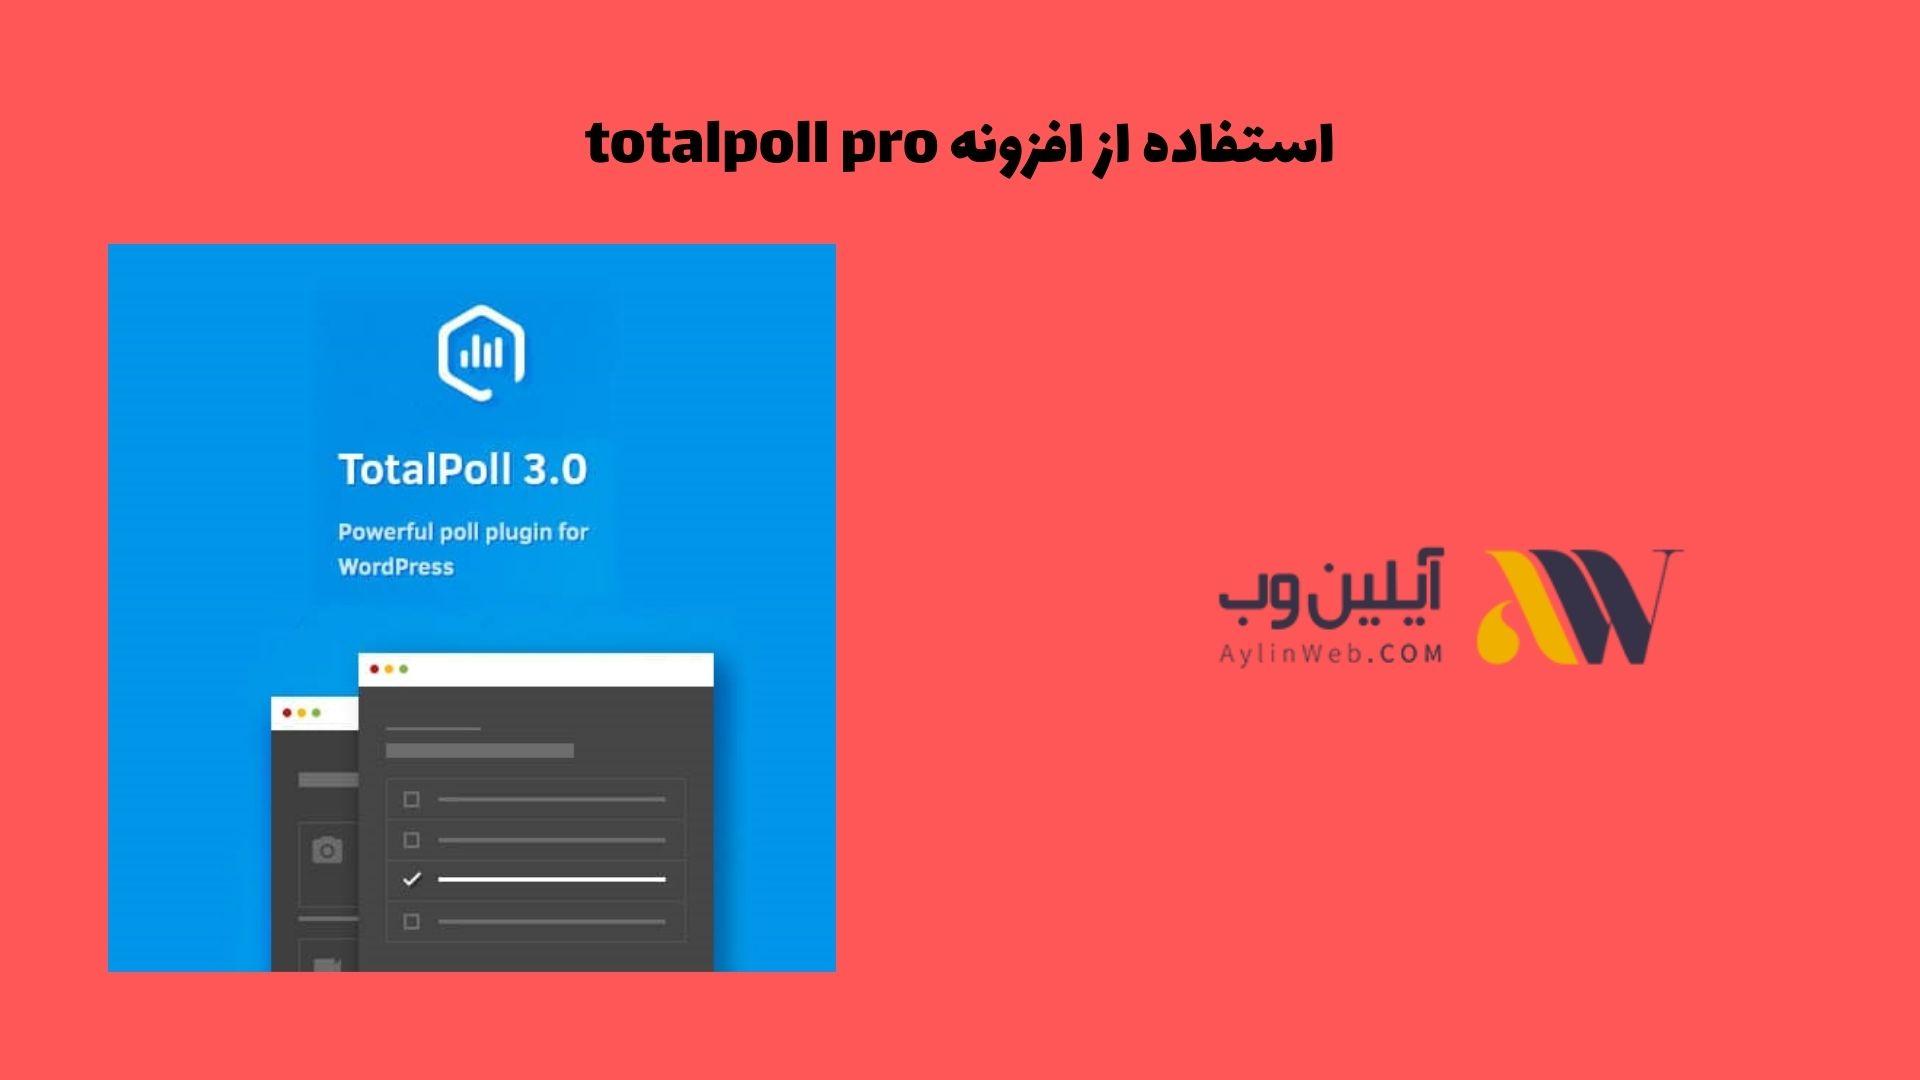 استفاده از افزونه totalpoll pro